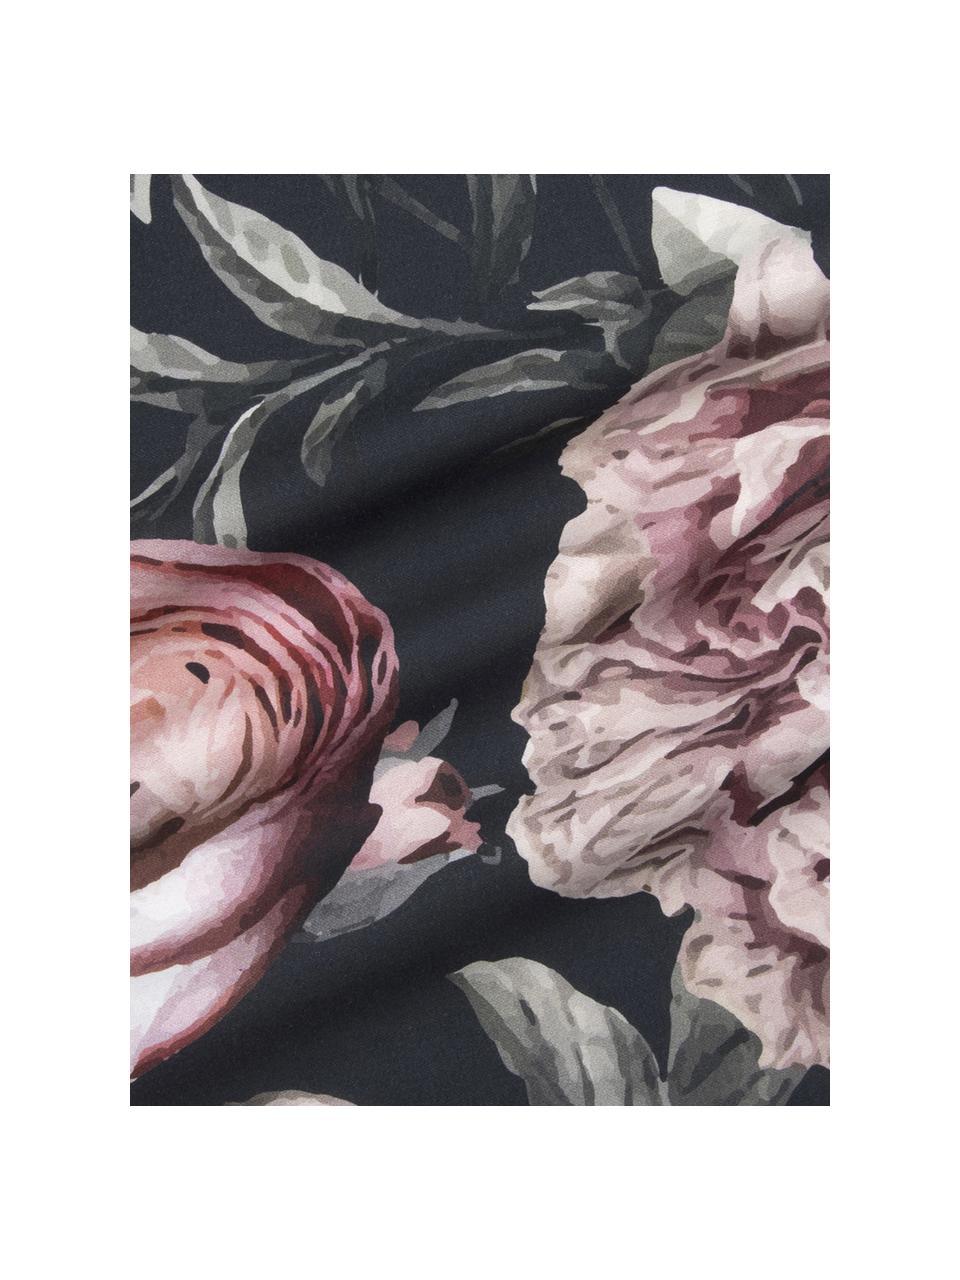 Baumwollsatin-Kopfkissenbezüge Blossom mit Blumen-Print, 2 Stück, Webart: Satin Fadendichte 210 TC,, Mehrfarbig, Schwarz, 40 x 80 cm